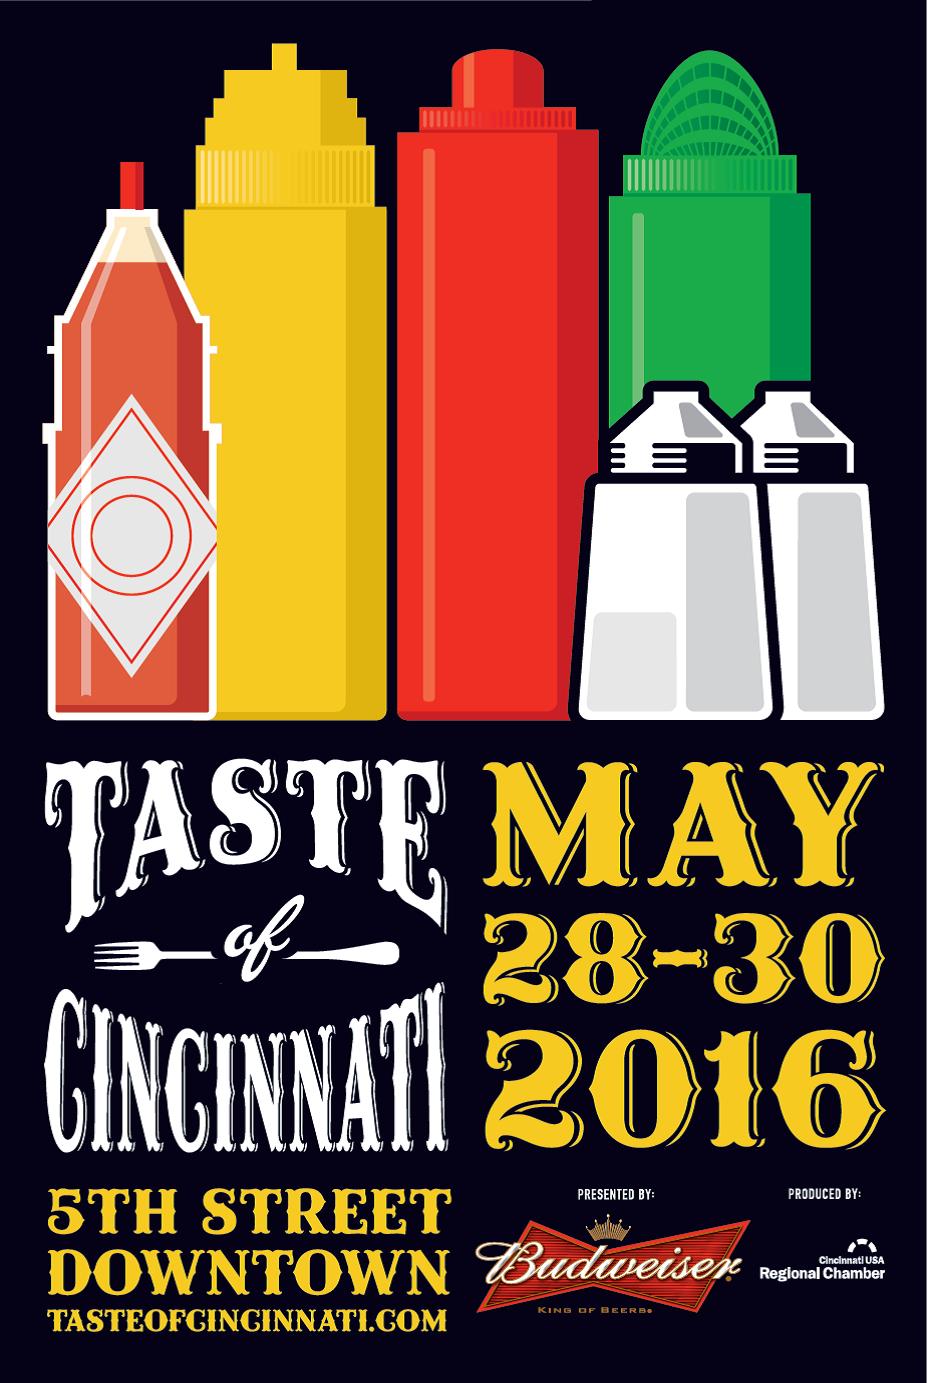 Cincinnati Memorial Food Festival